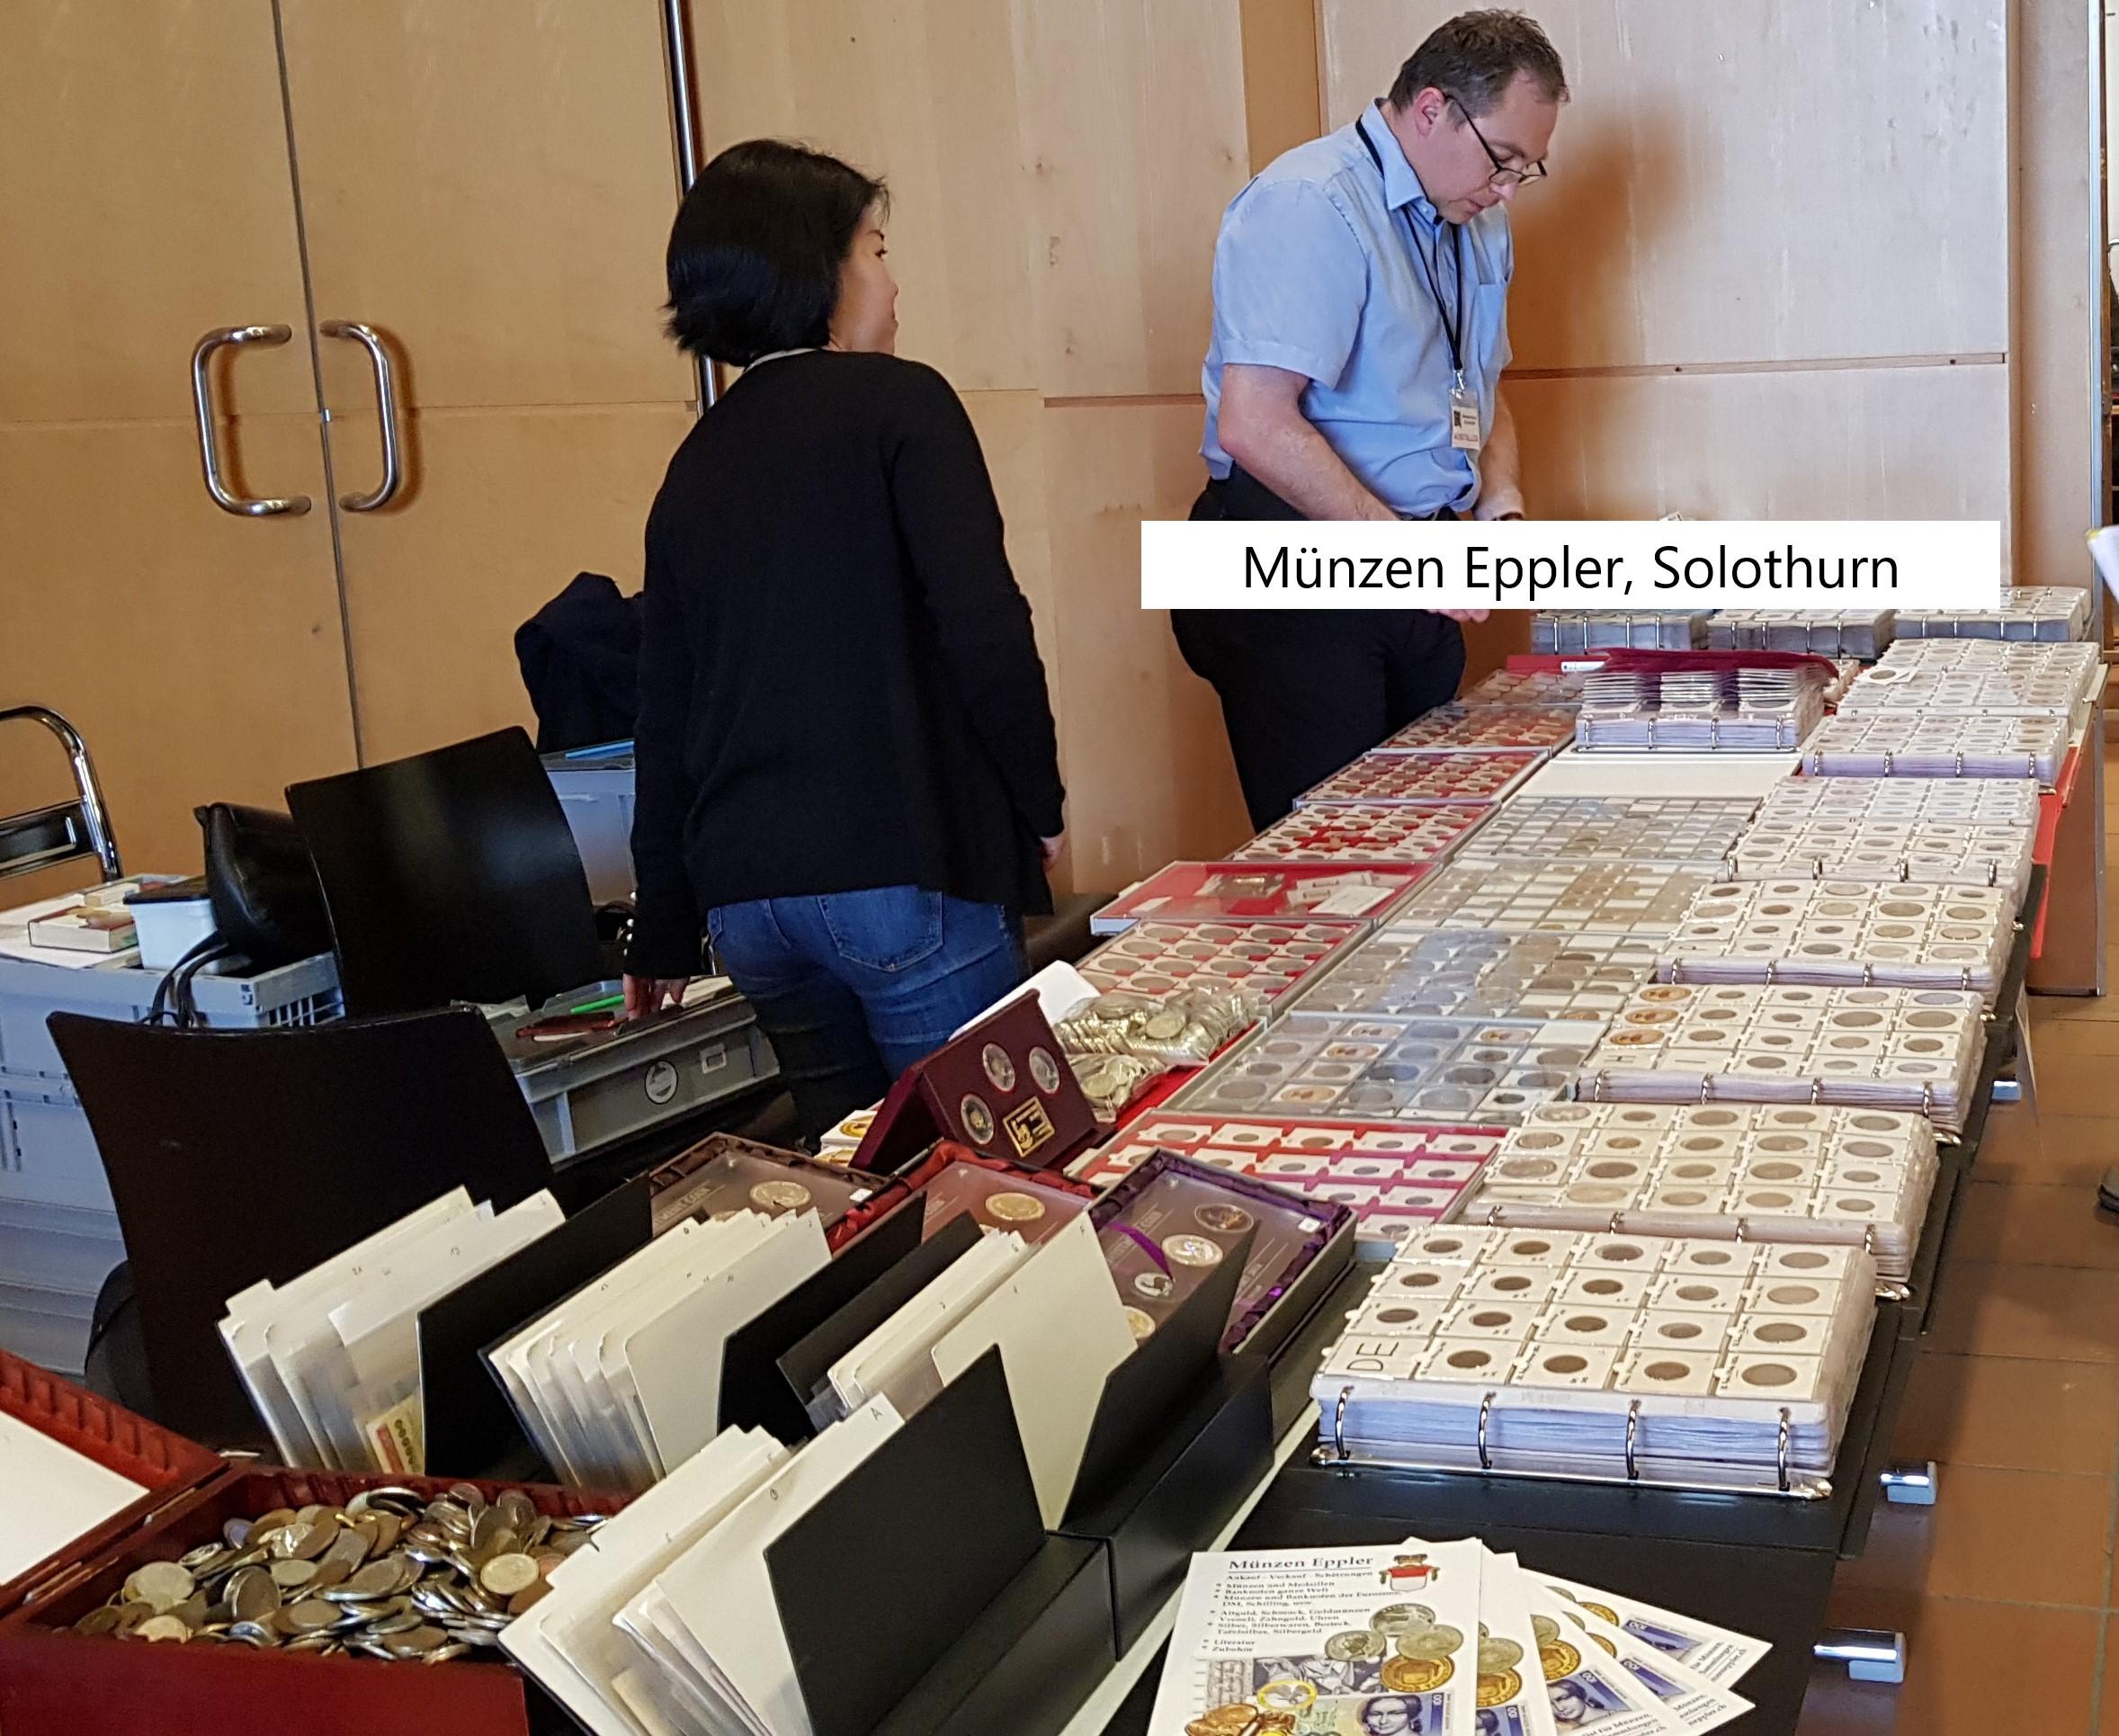 Münzenmesse Schönbühl numisauktion.ch münzen eppler